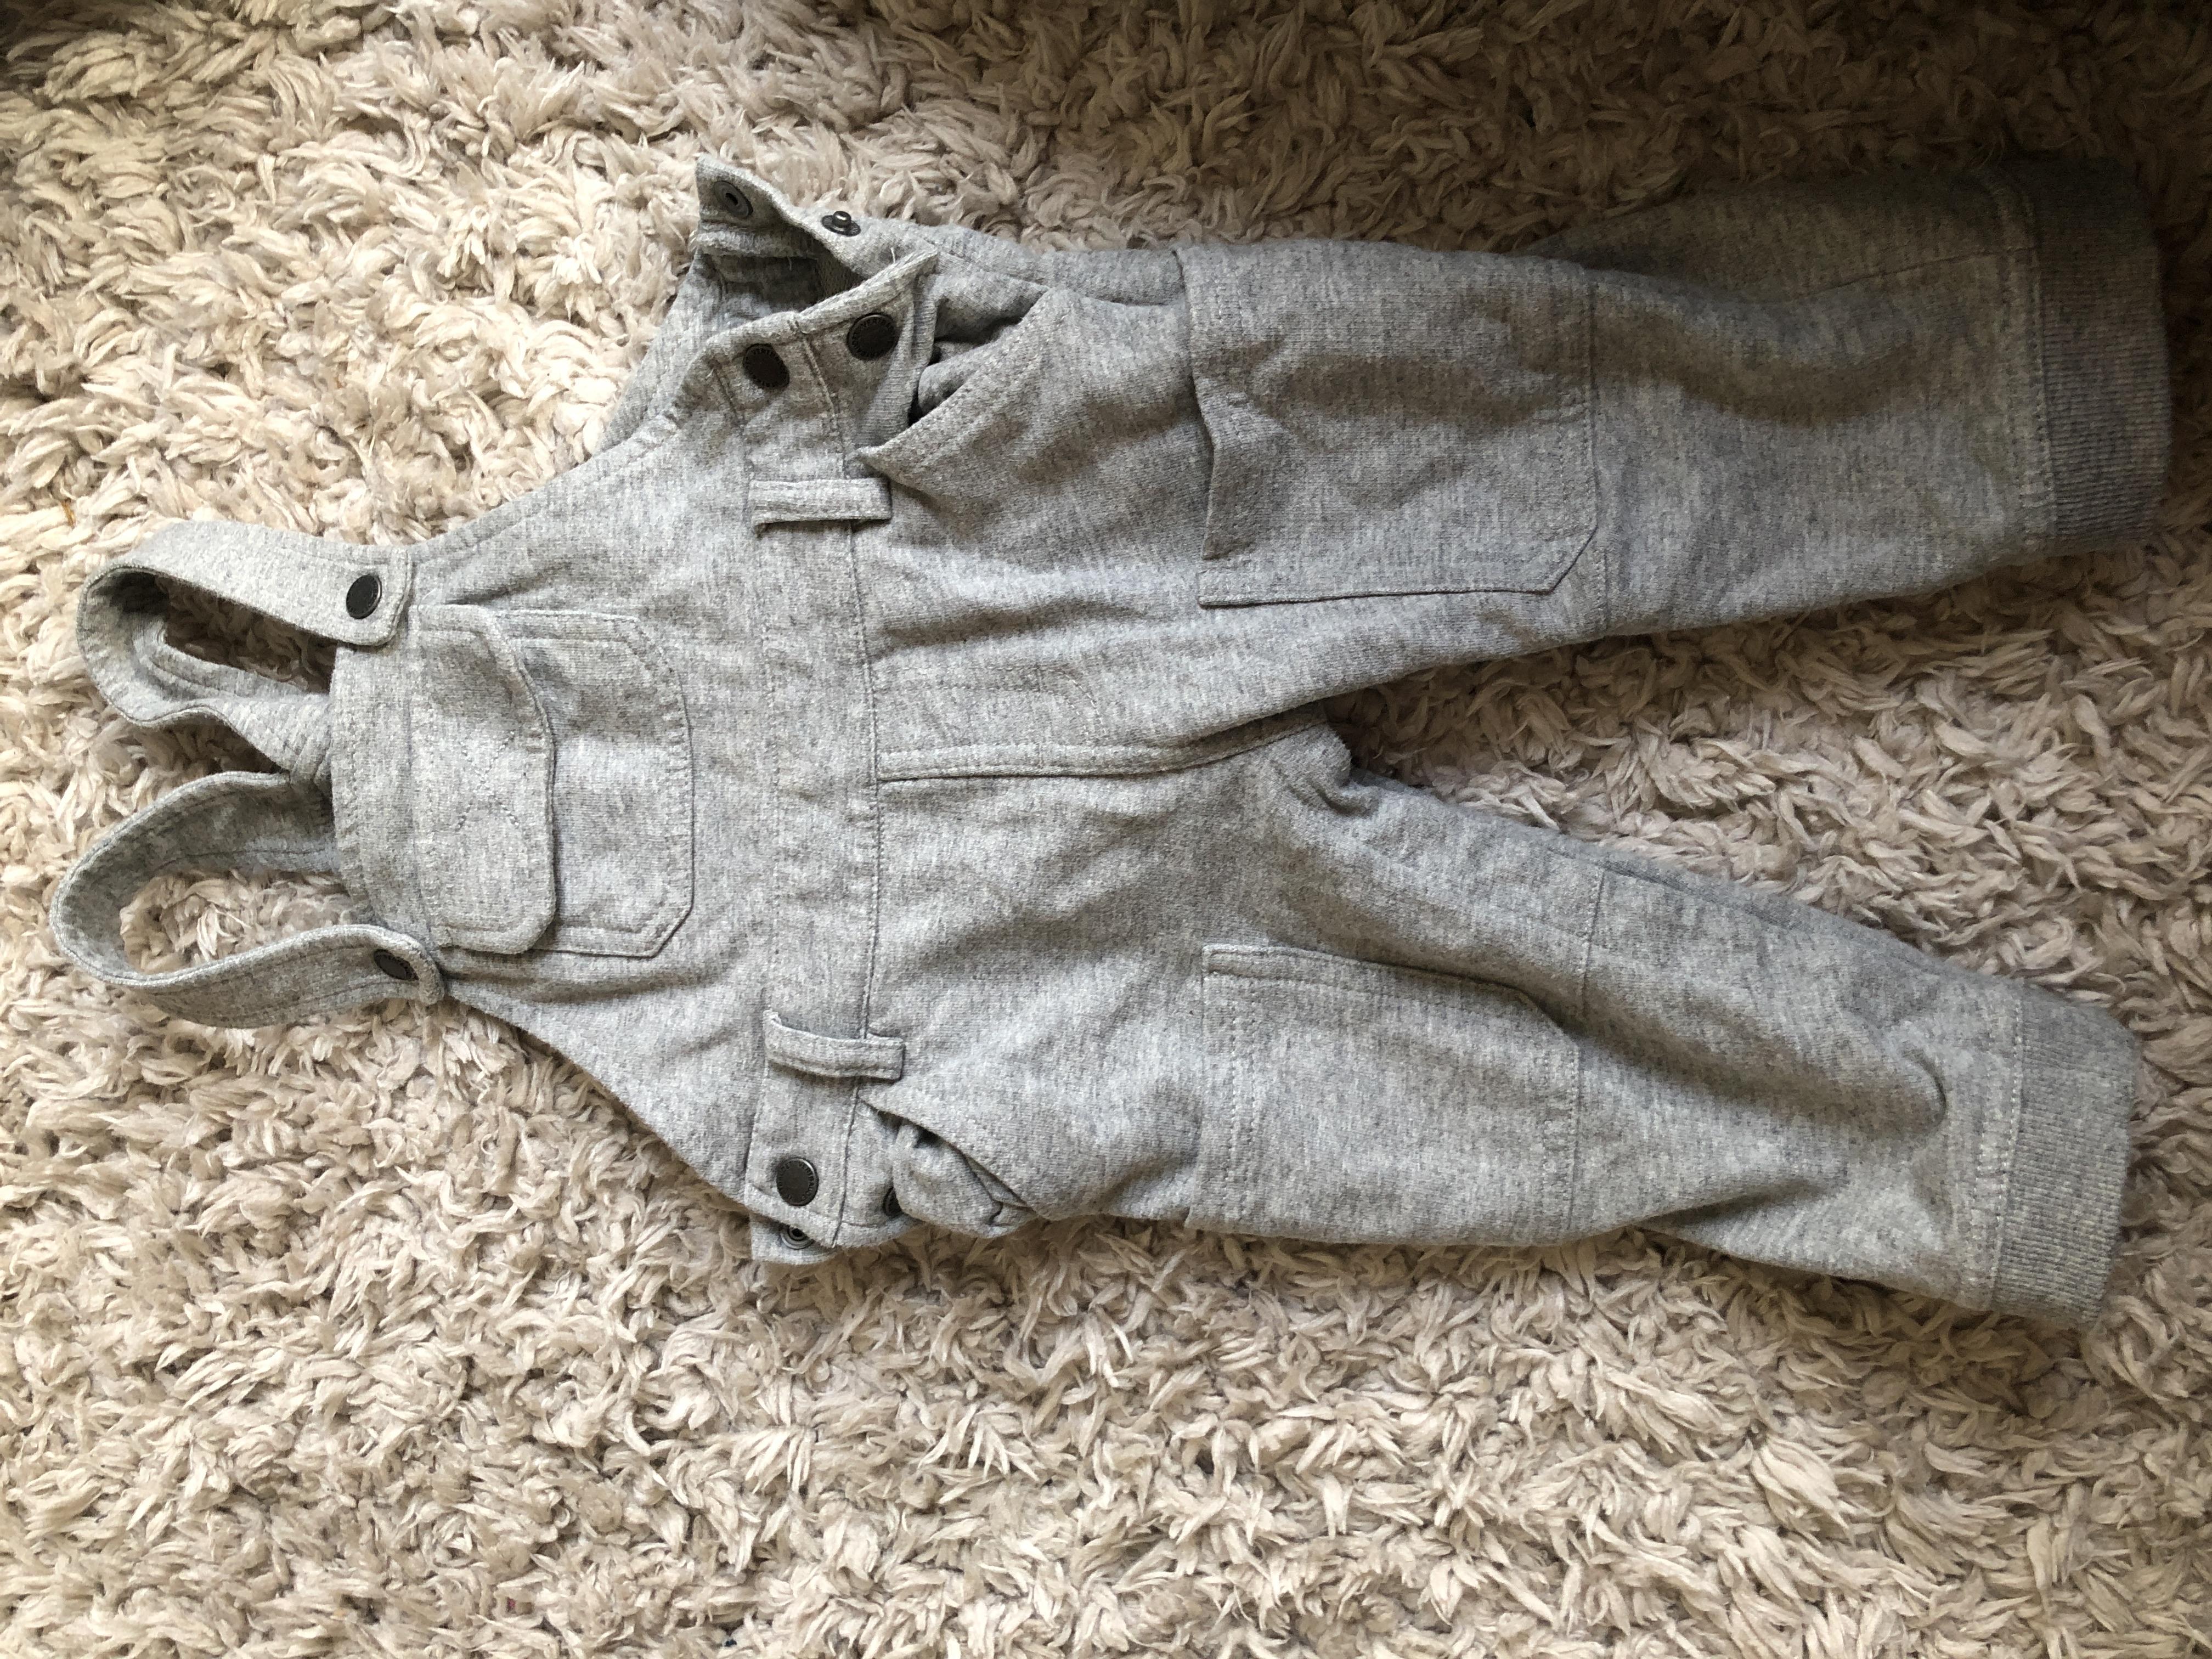 Pinguin hellgrau /· Innen Fleece Schwarz /· Made in Germany Kleine K/önige Loop Schal Kinder Jungen bis 8 Jahre /· Modell Mr